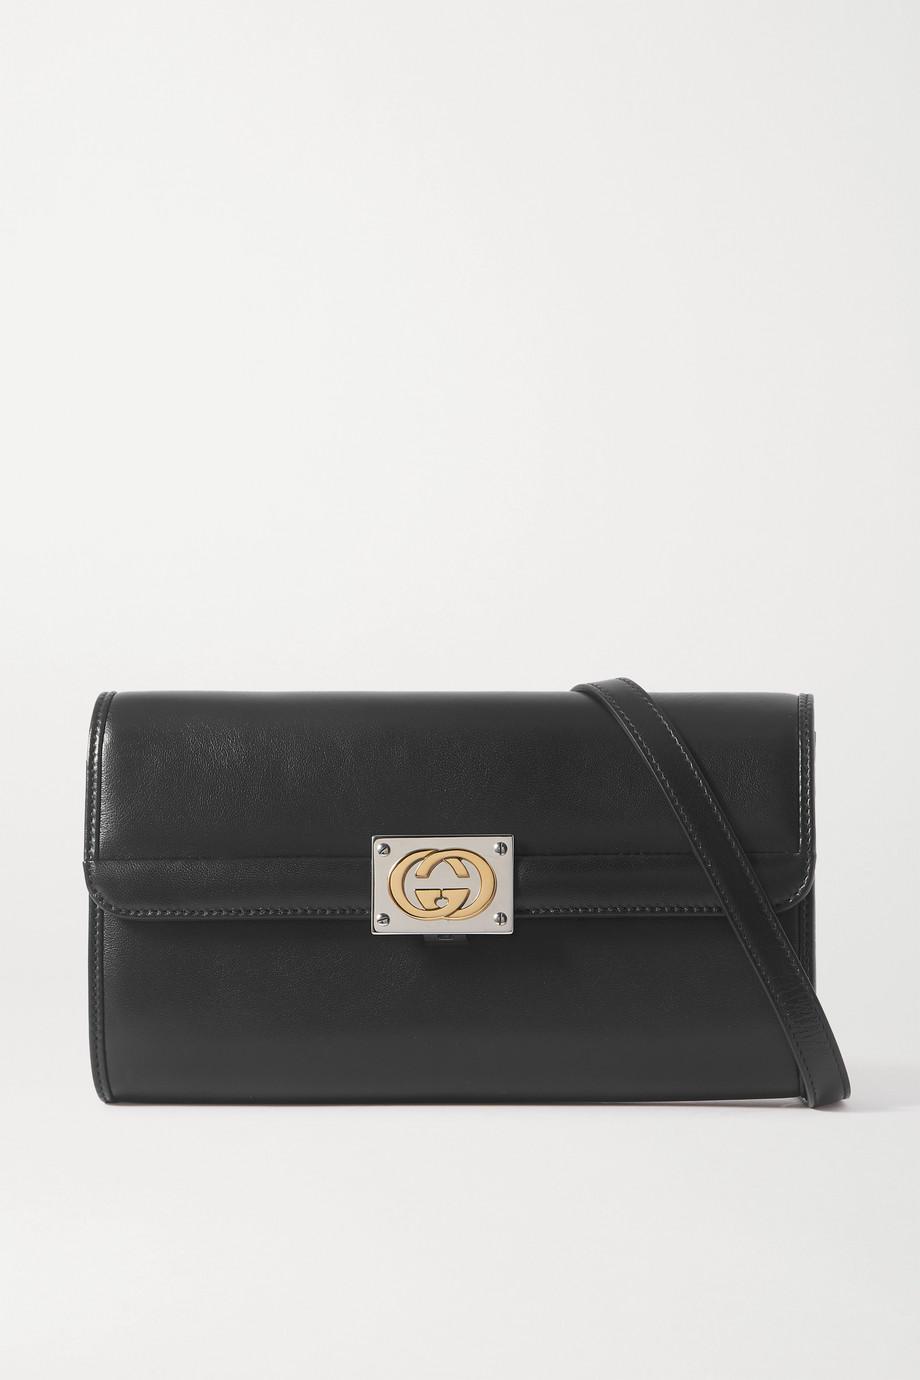 Gucci Sac porté épaule en cuir Linea Matisse Small - NET SUSTAIN